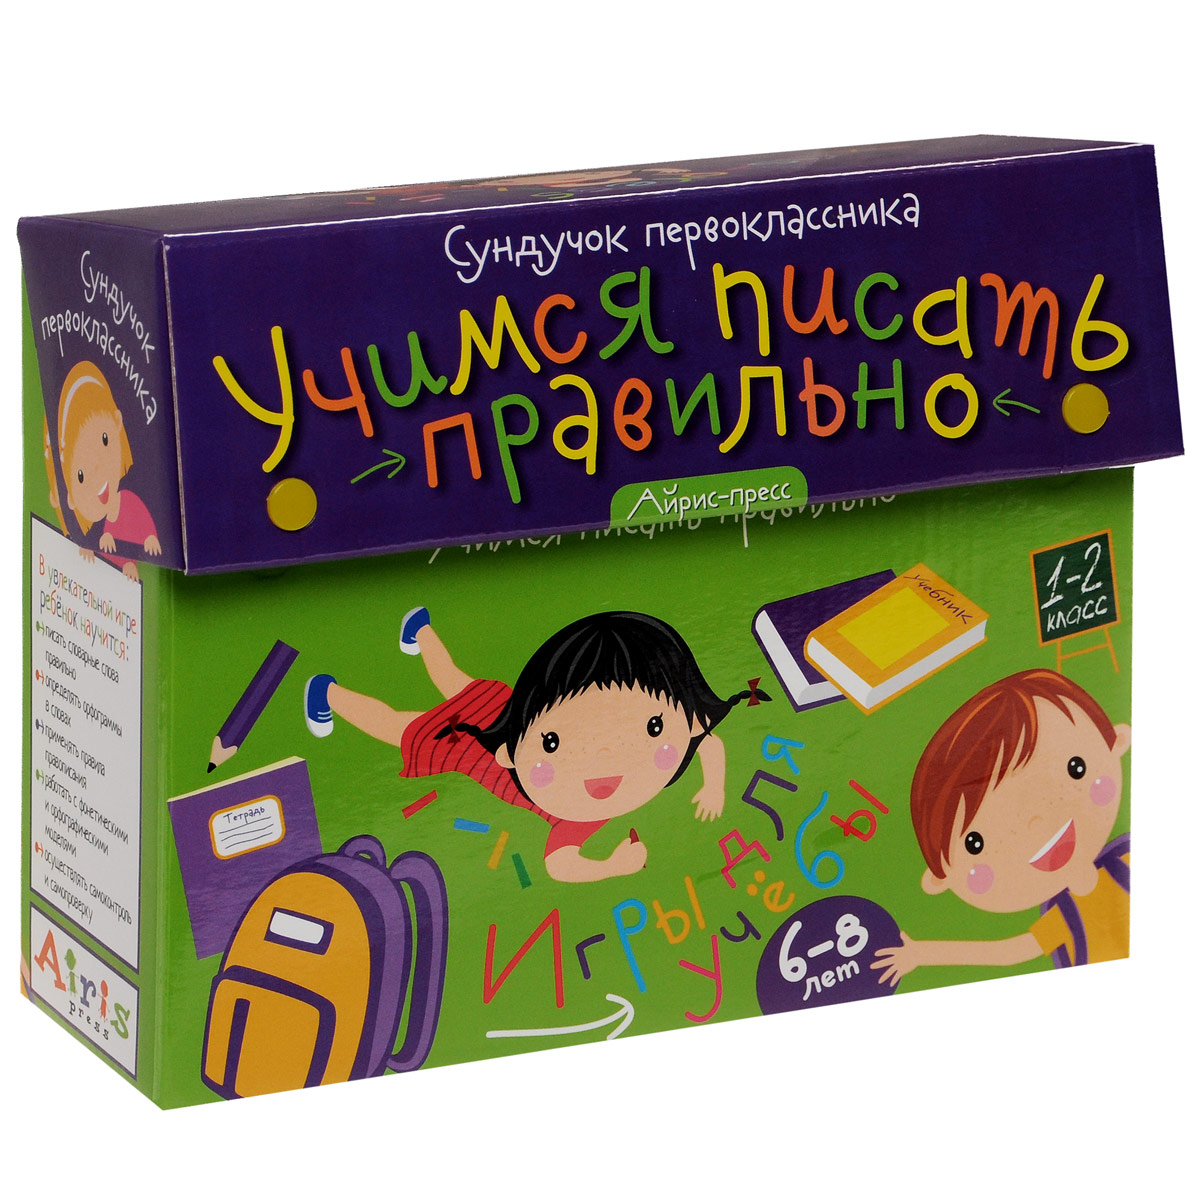 Айрис-пресс Обучающая игра Сундучок первоклассника Учимся писать правильно -